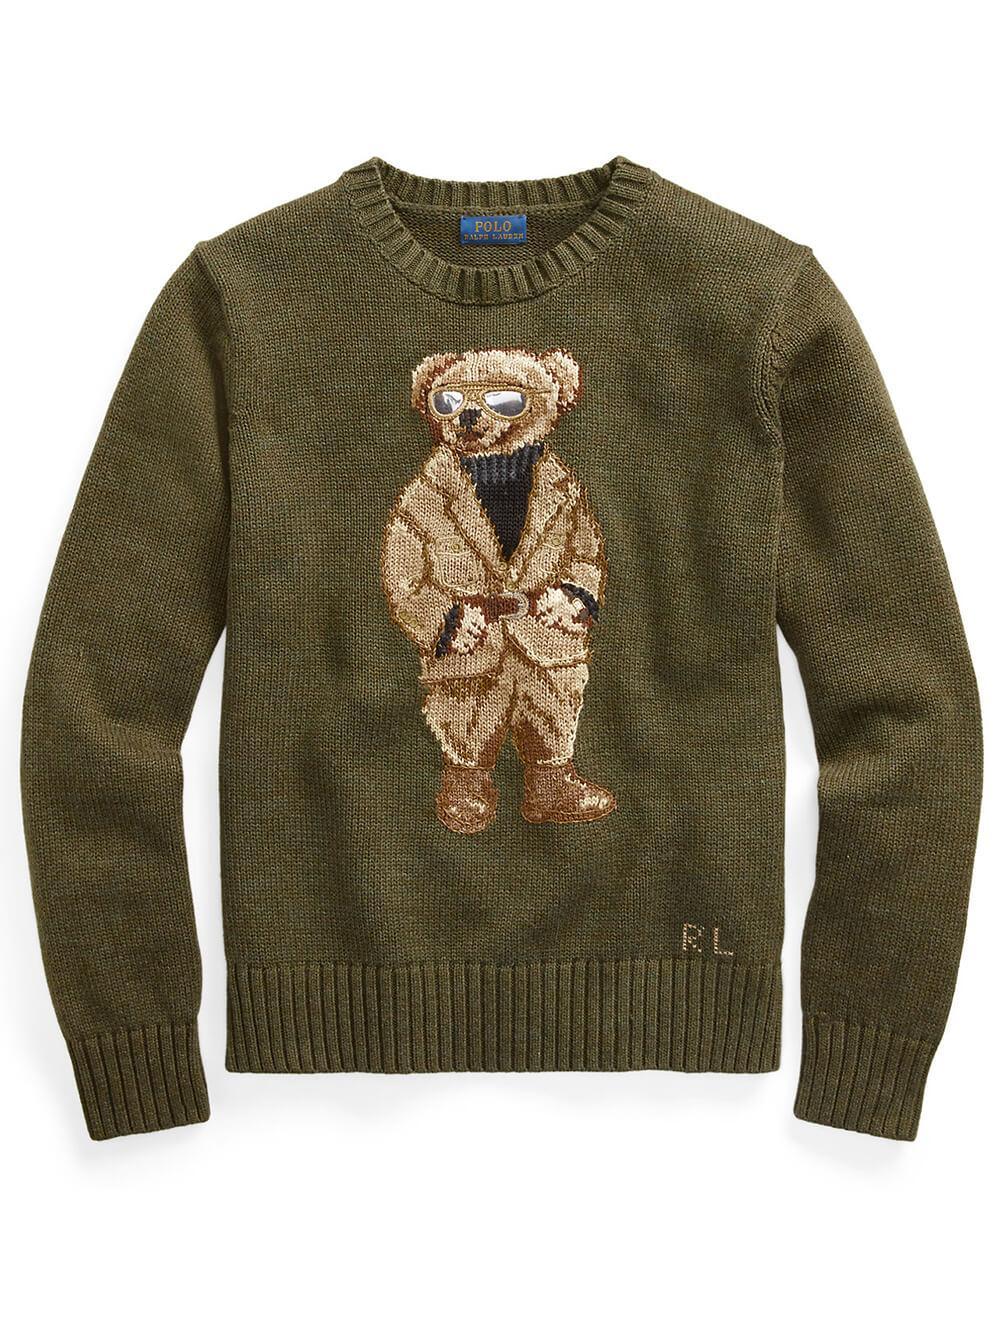 Safari Bear Sweater Item # 211839022001